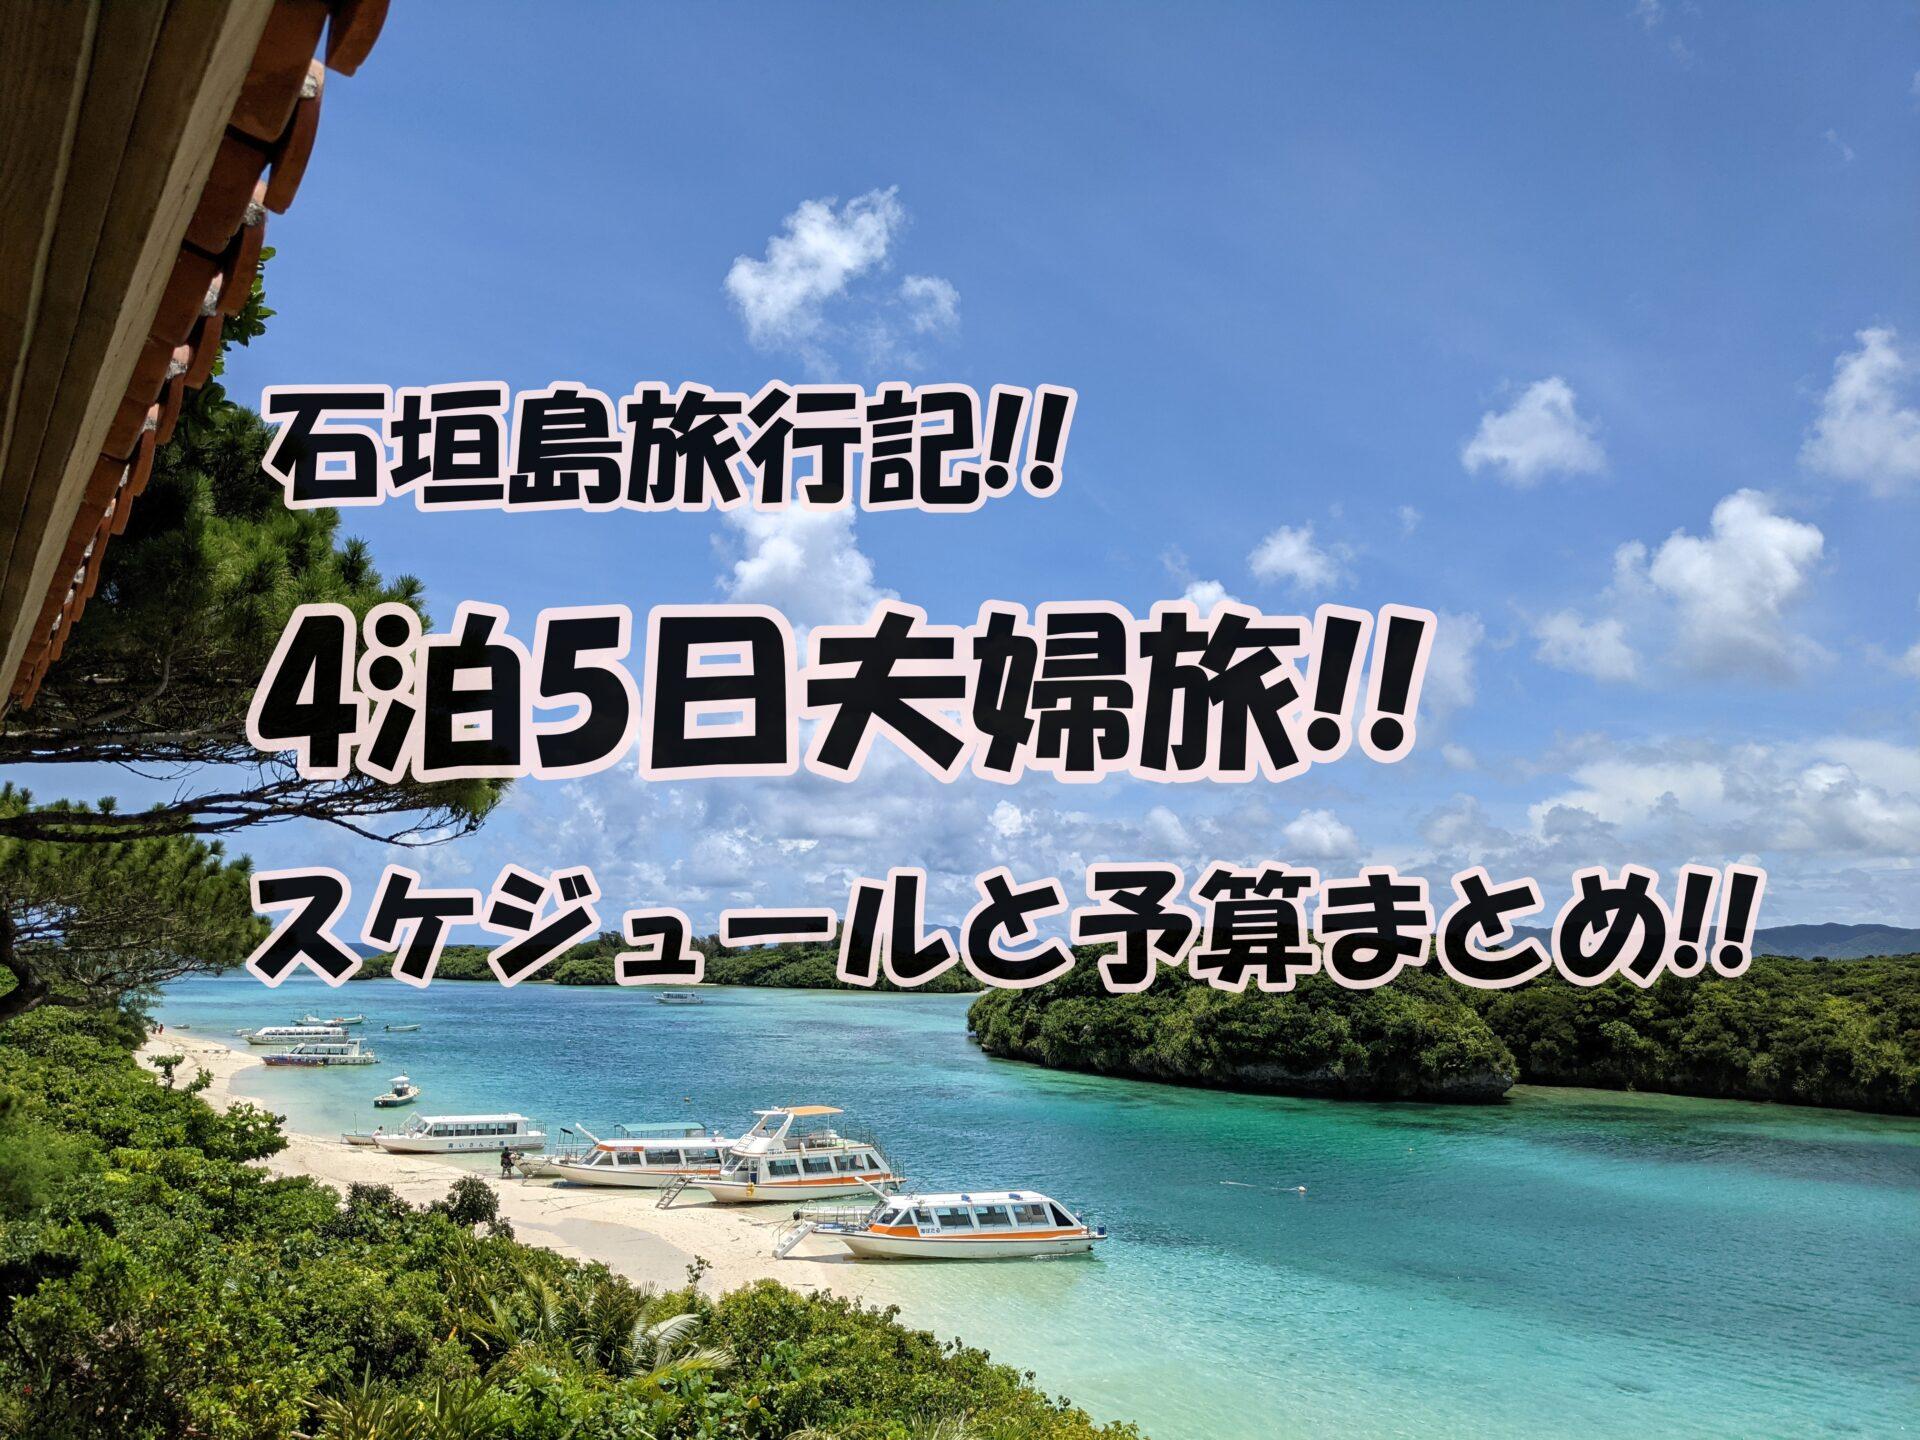 石垣島旅行記!!4泊5日夫婦旅!!